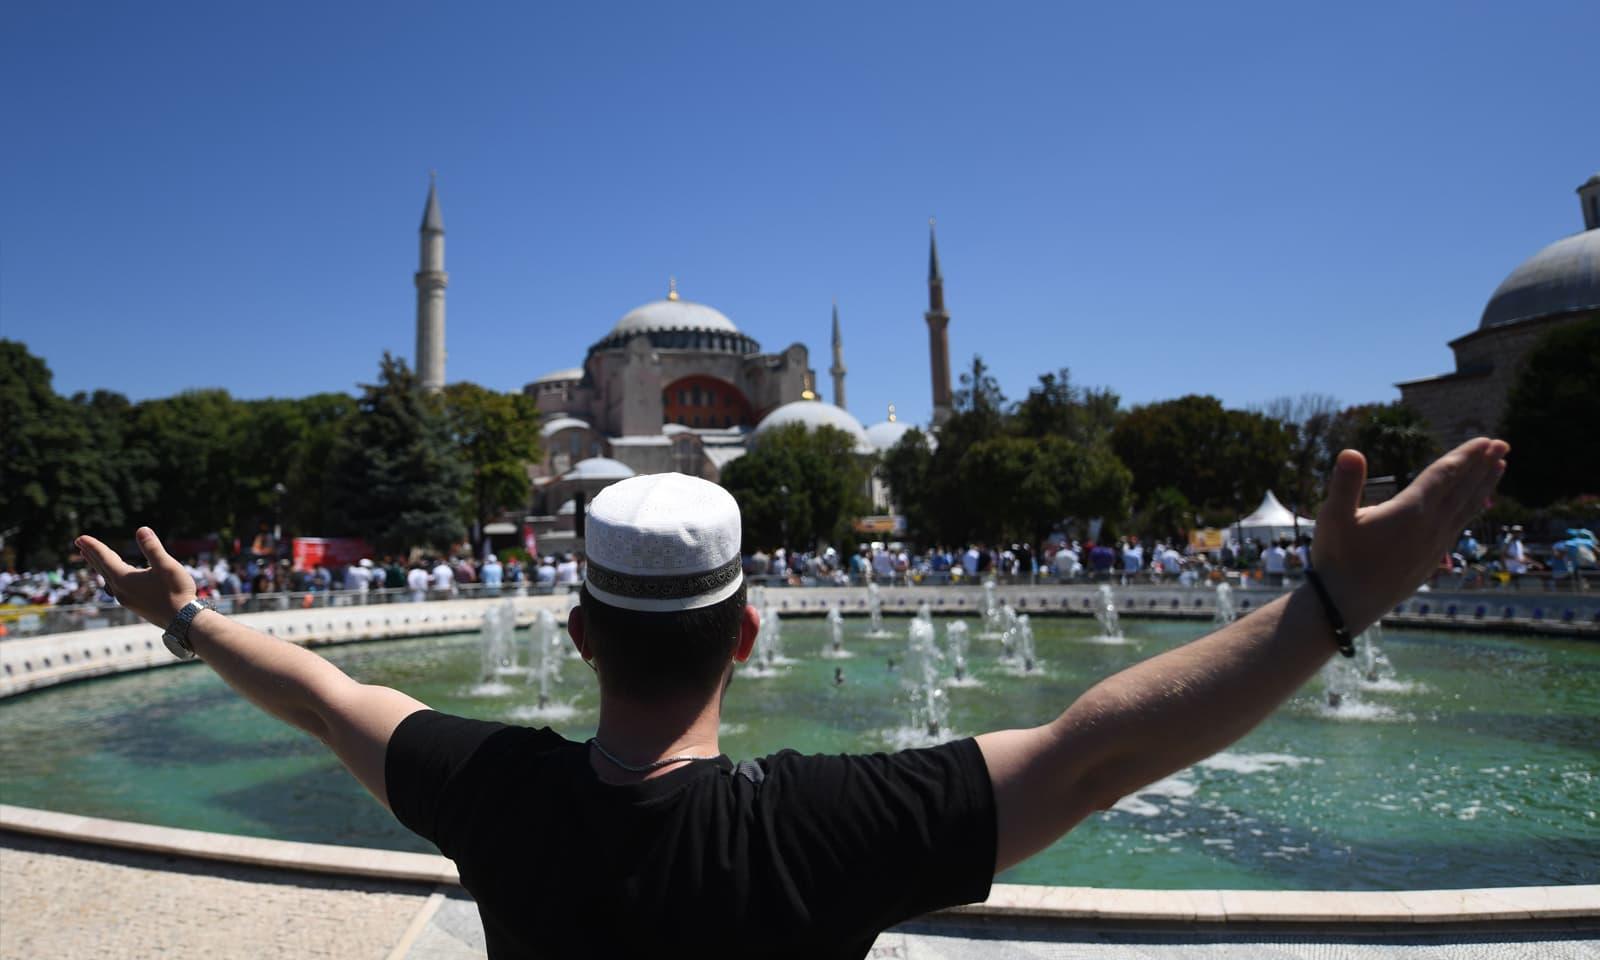 دنیا بھر میں لاکھوں افراد نے مسجد میں نماز کی ادائیگی کو براہ راست دیکھا — فوٹو: اے ایف پی